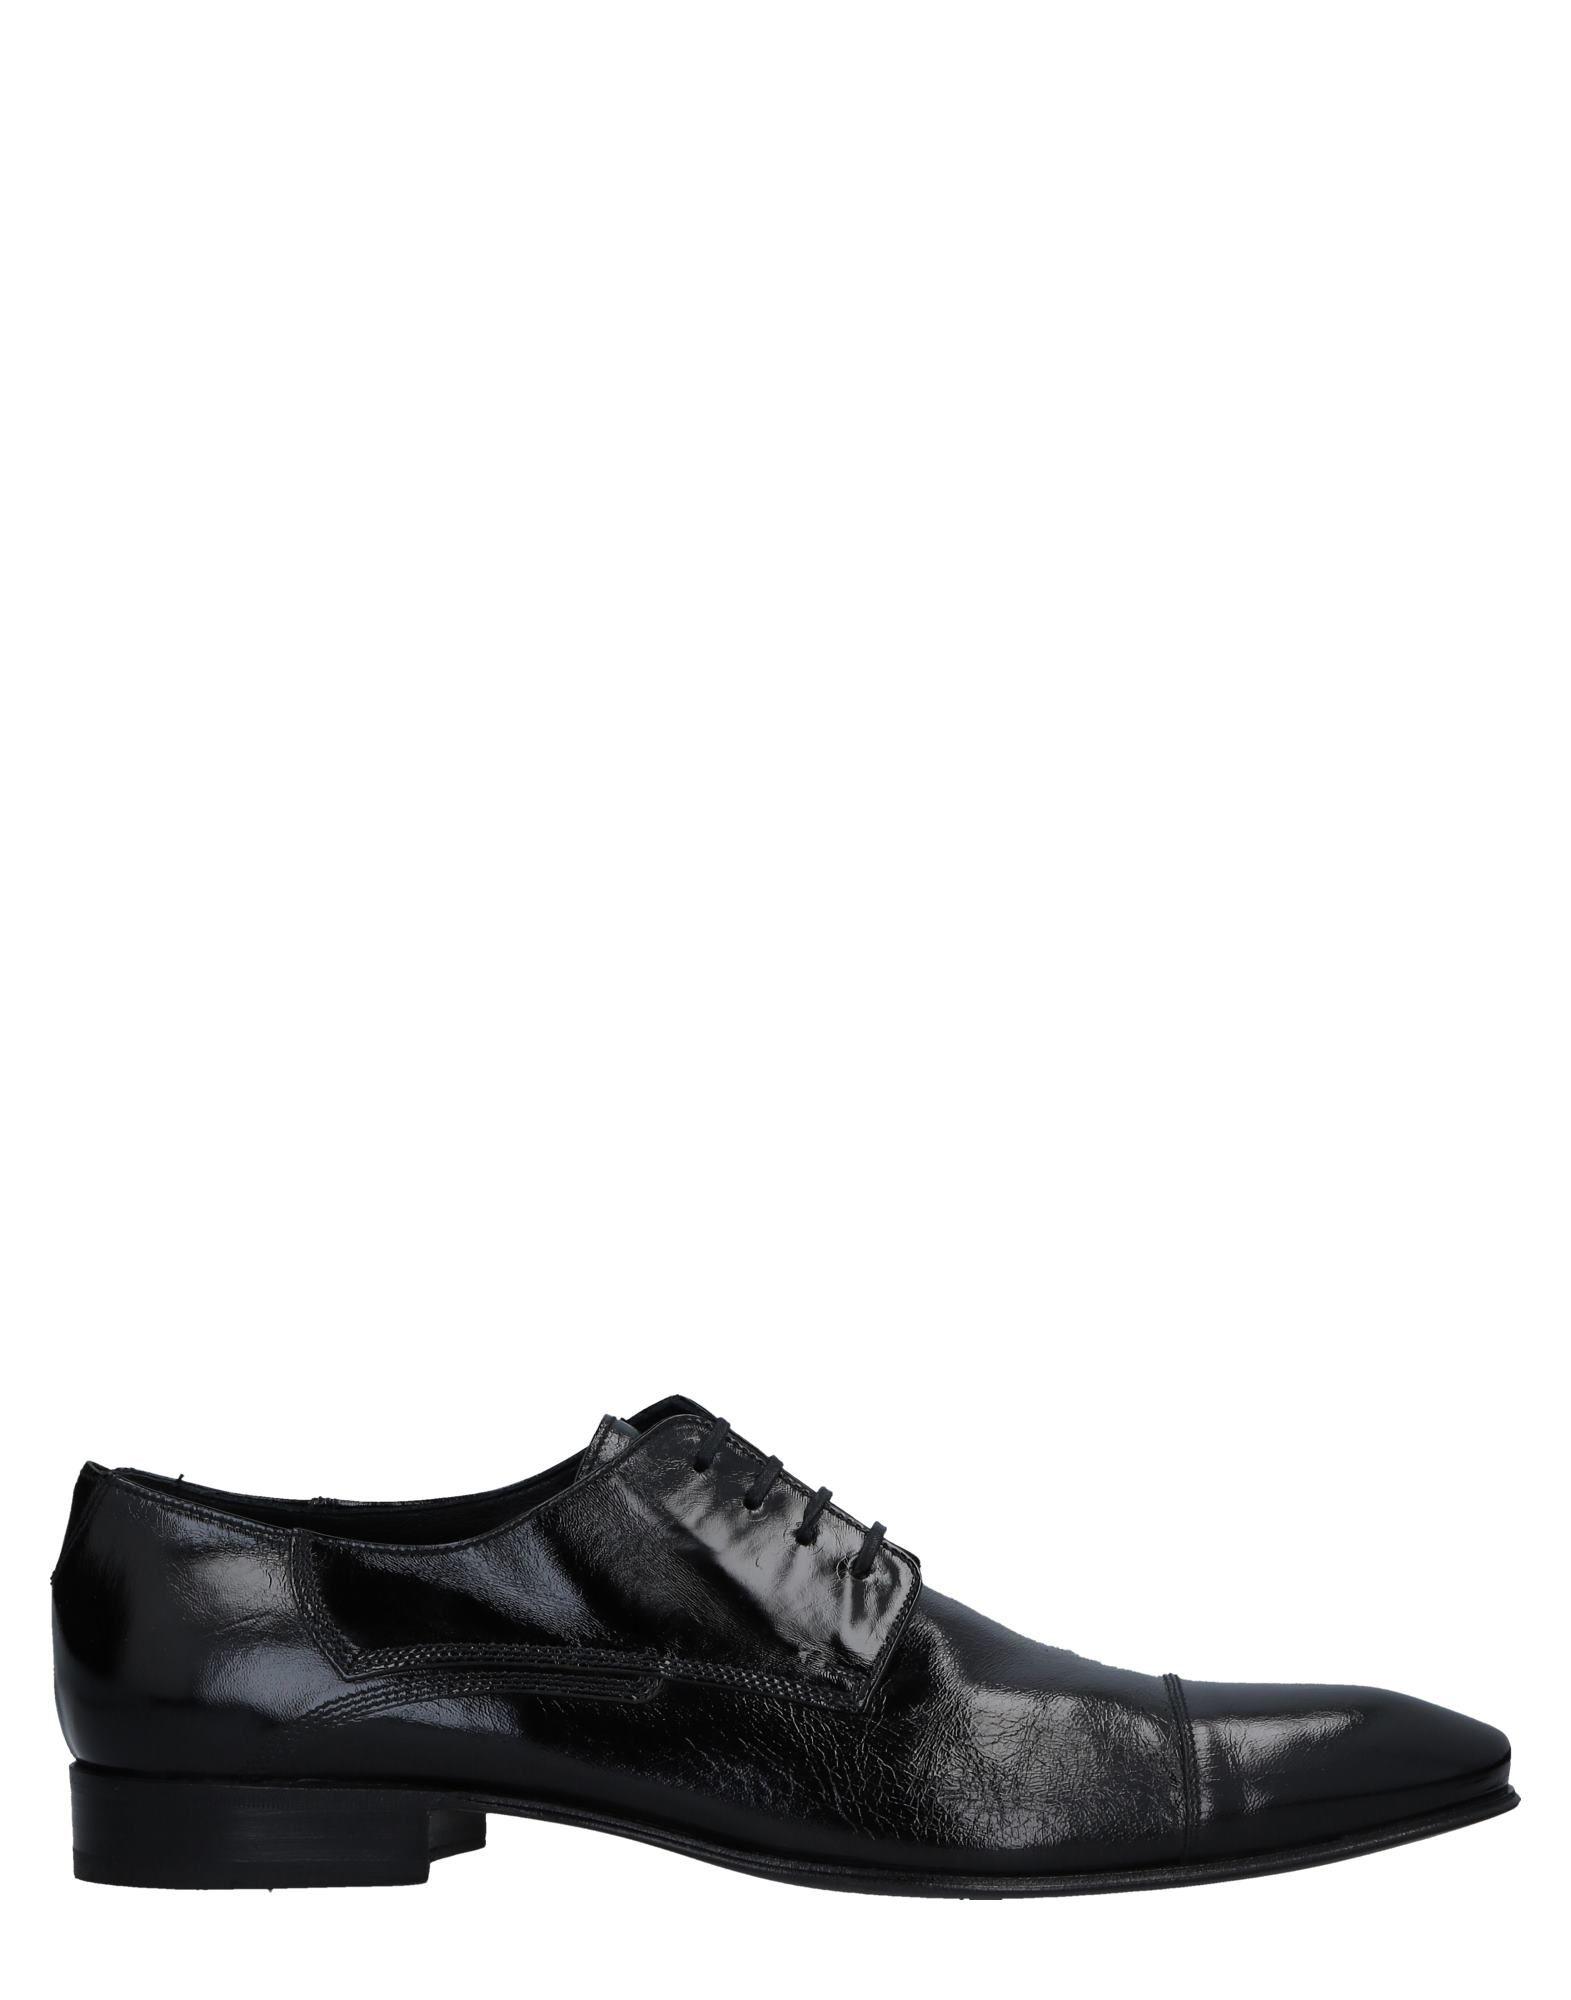 Doucal's Schnürschuhe Herren  11520711HA Gute Qualität beliebte Schuhe